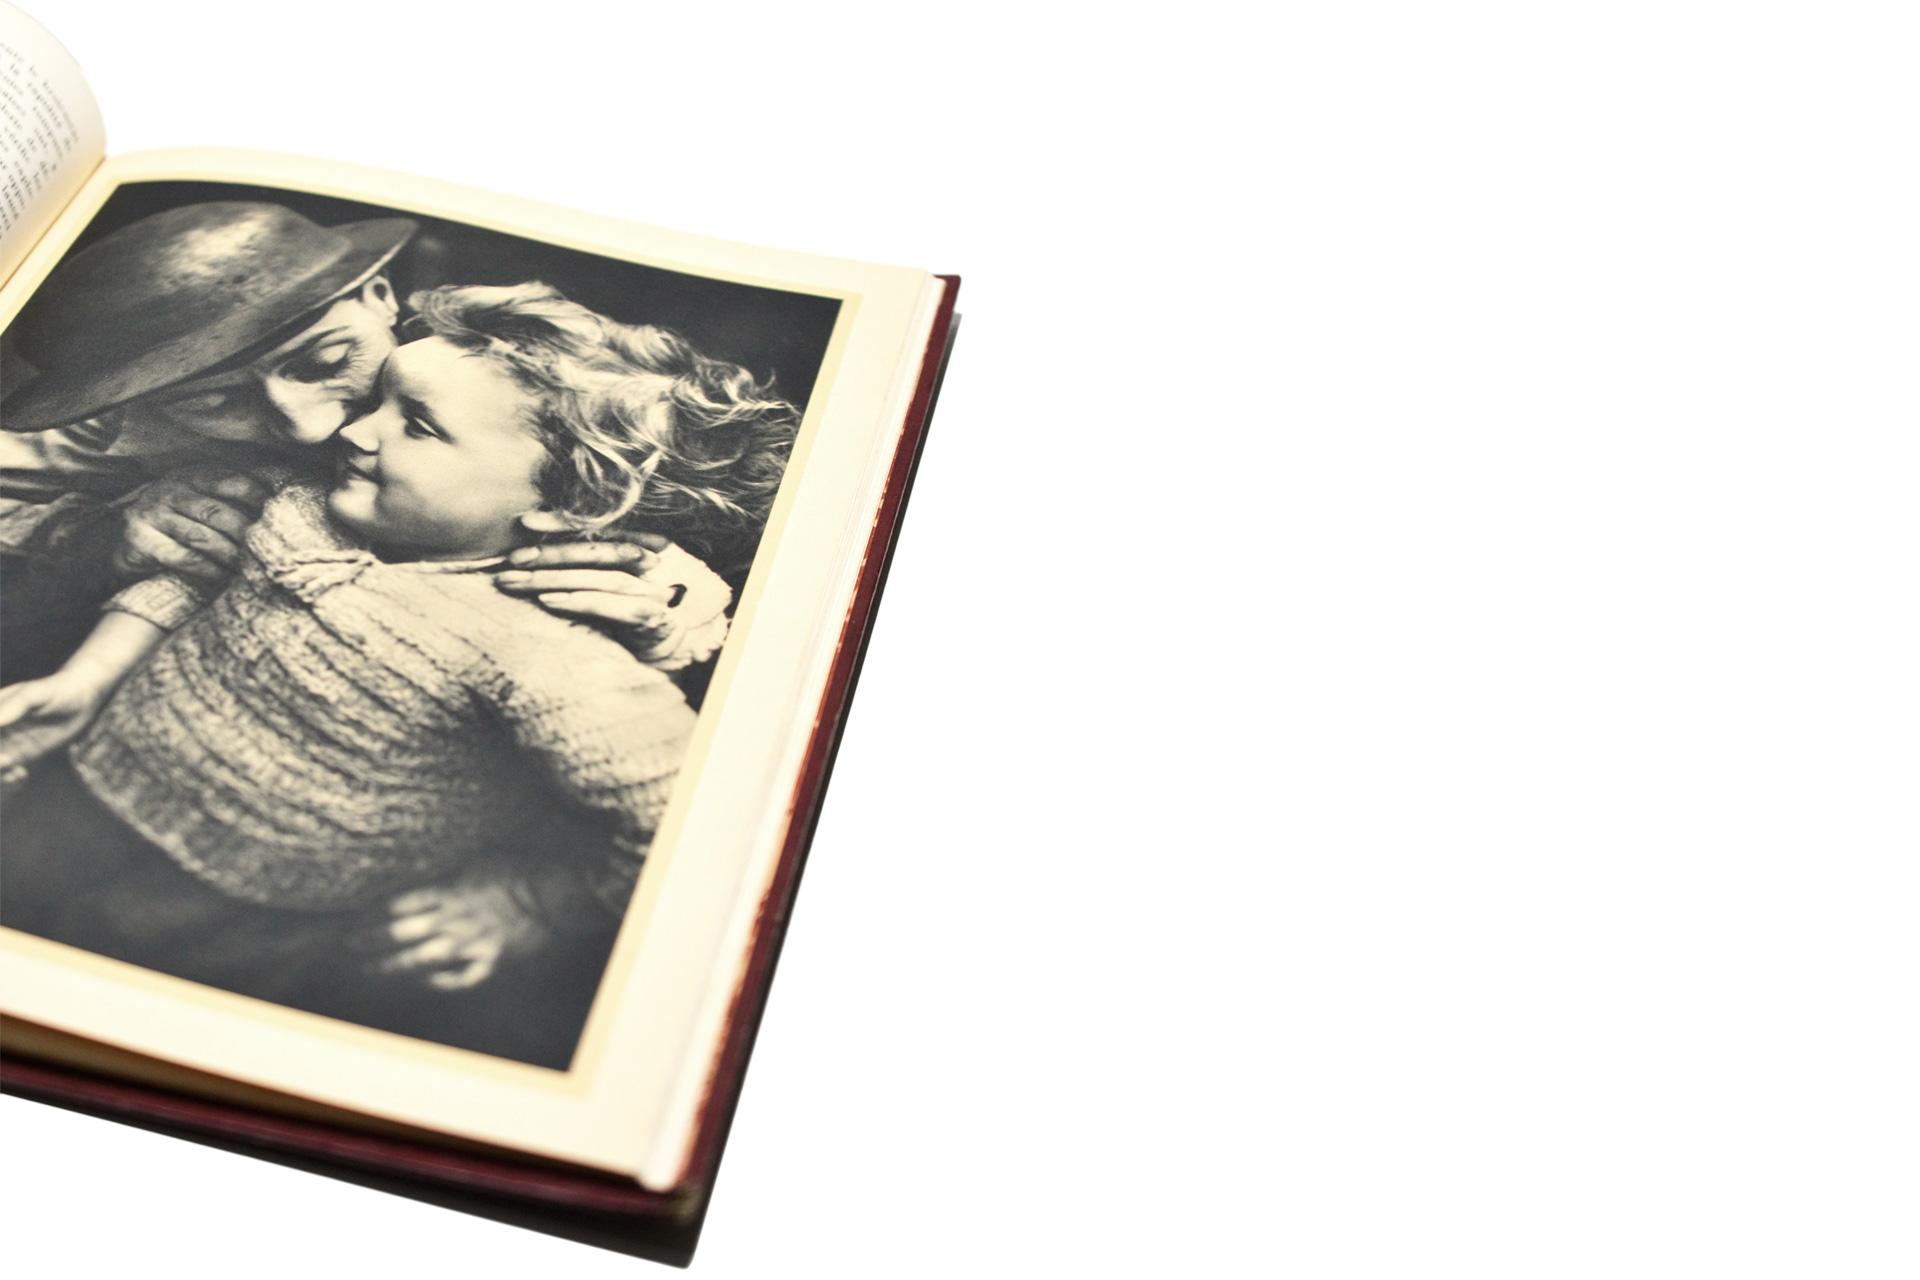 古い写真が多いレトロな雰囲気のコーヒーテーブルブック